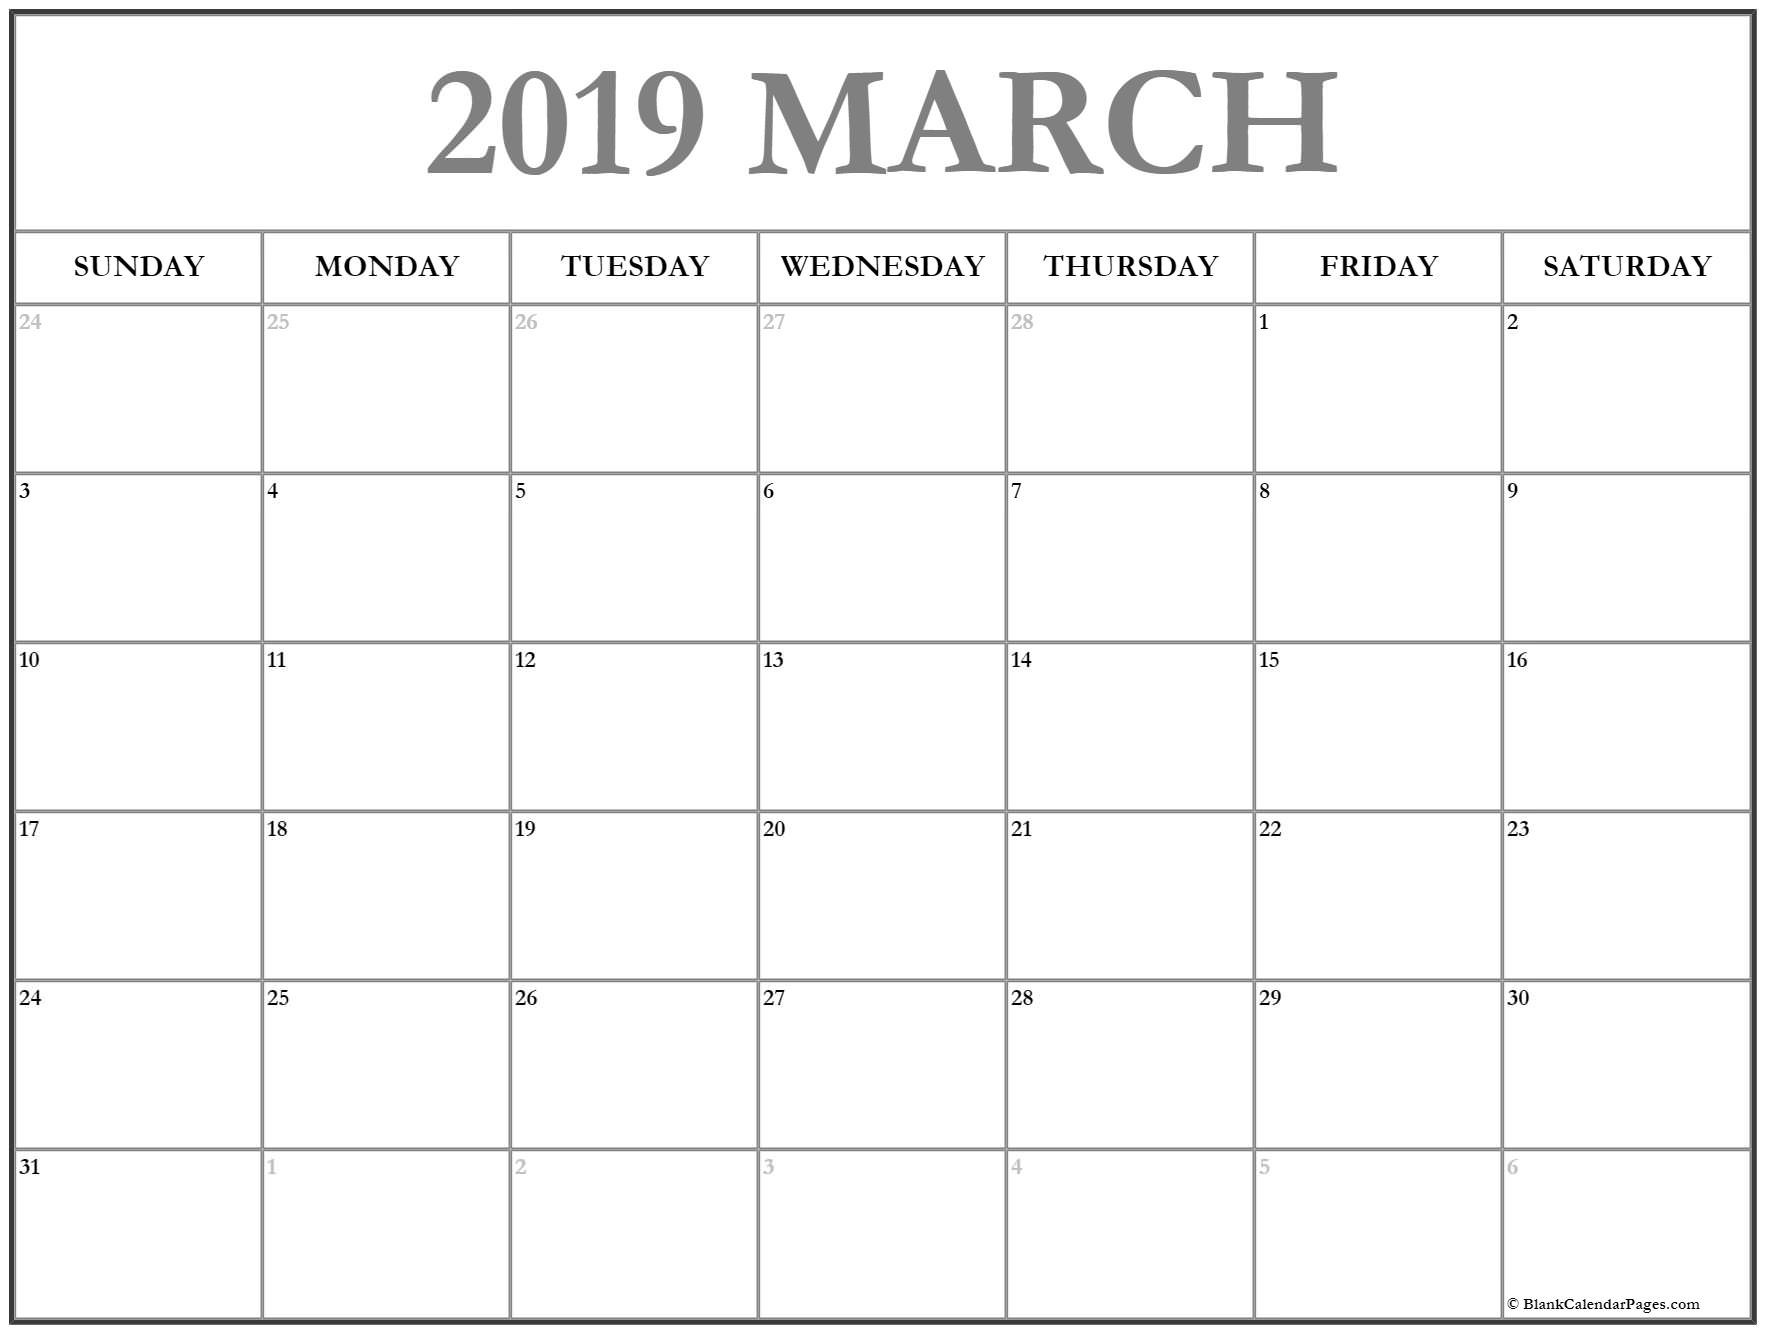 calendar 2019 March March calendar 2019